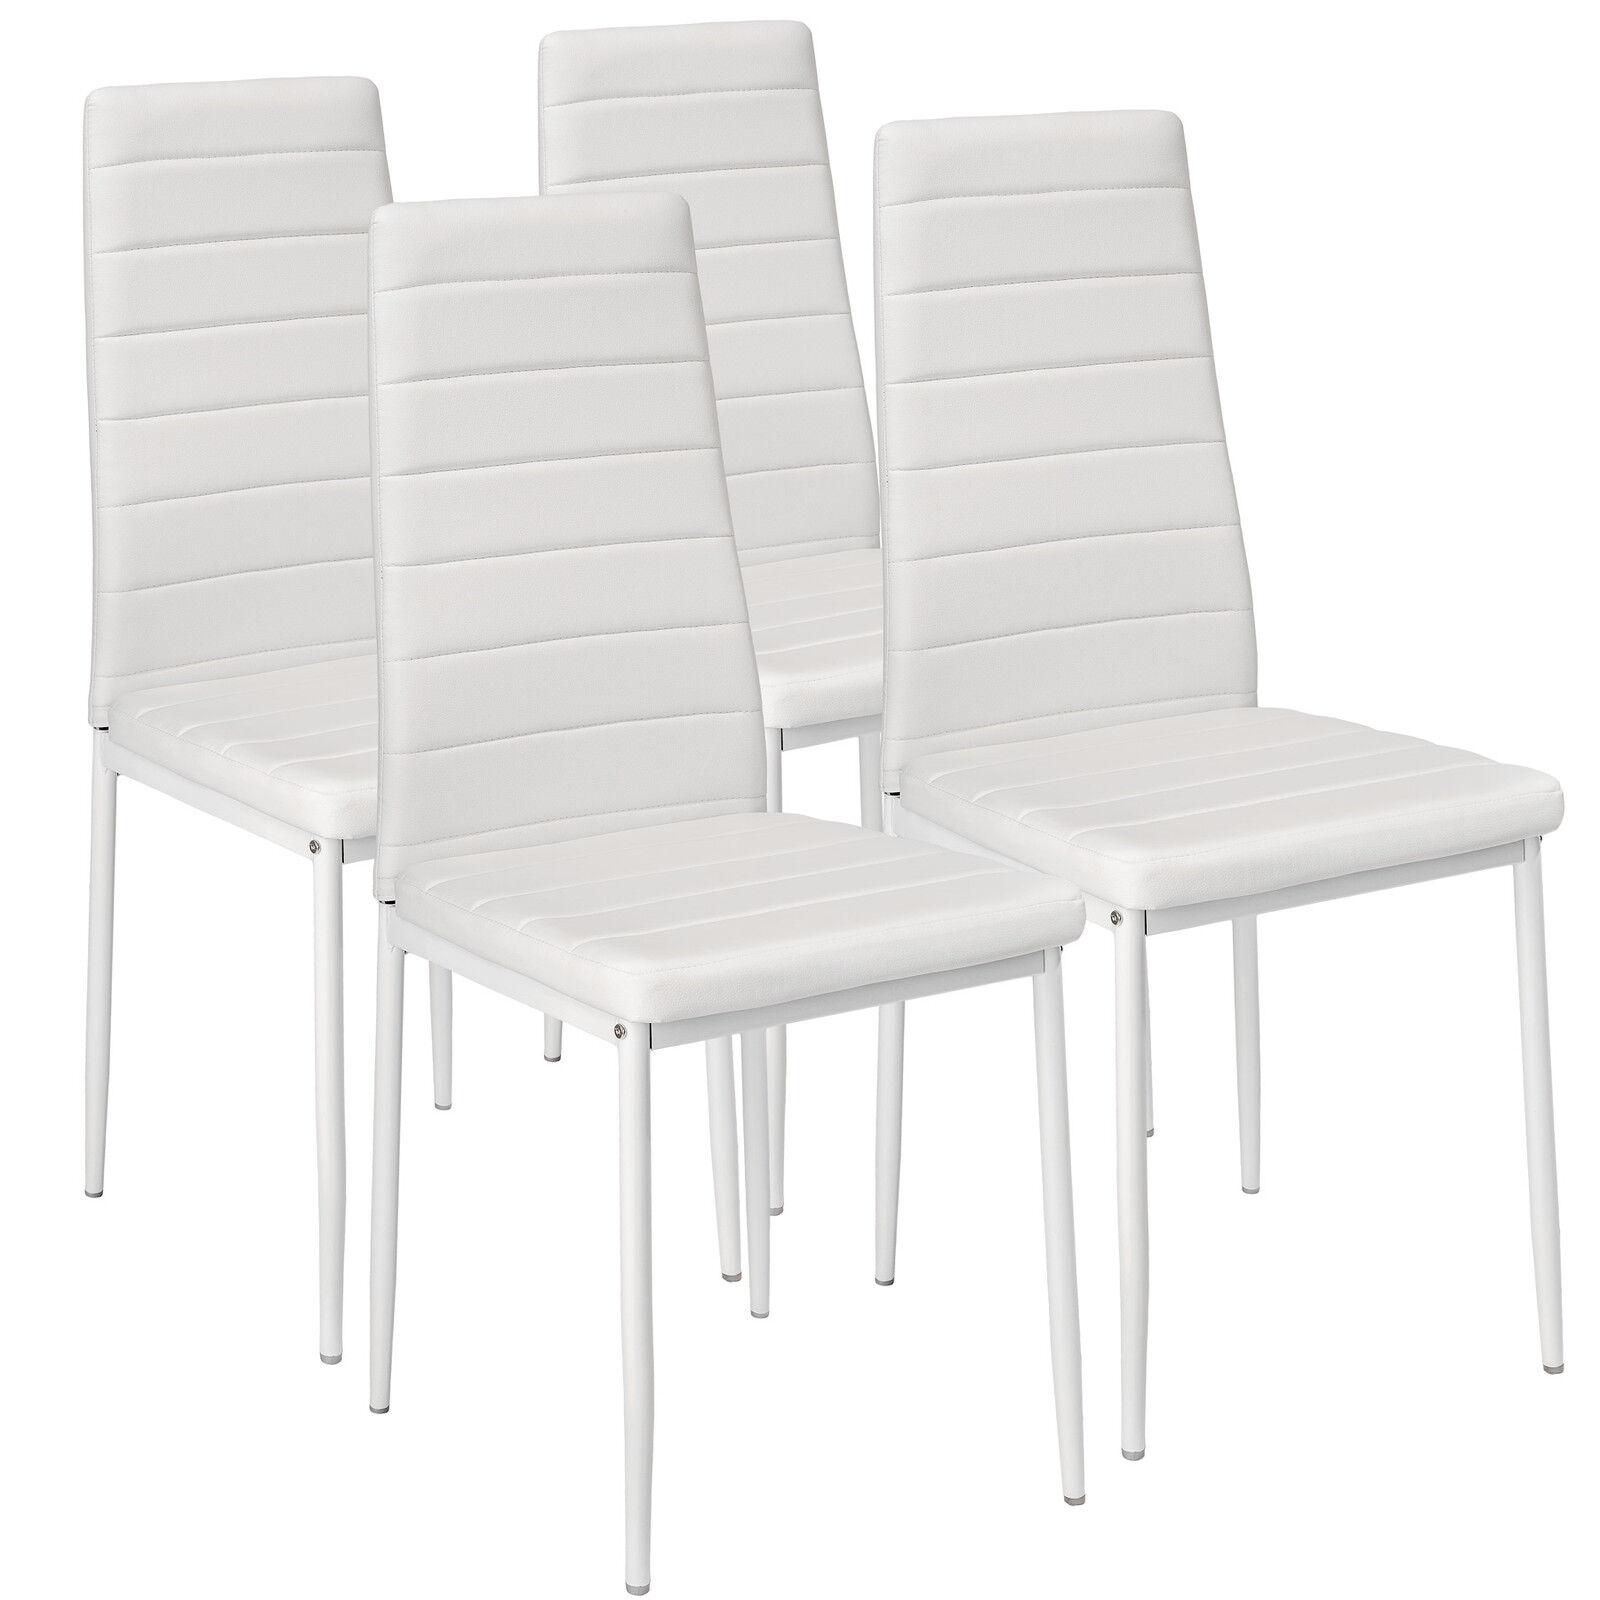 4x Sillas de comedor Juego elegantes sillas de diseño modernas cocina blanco